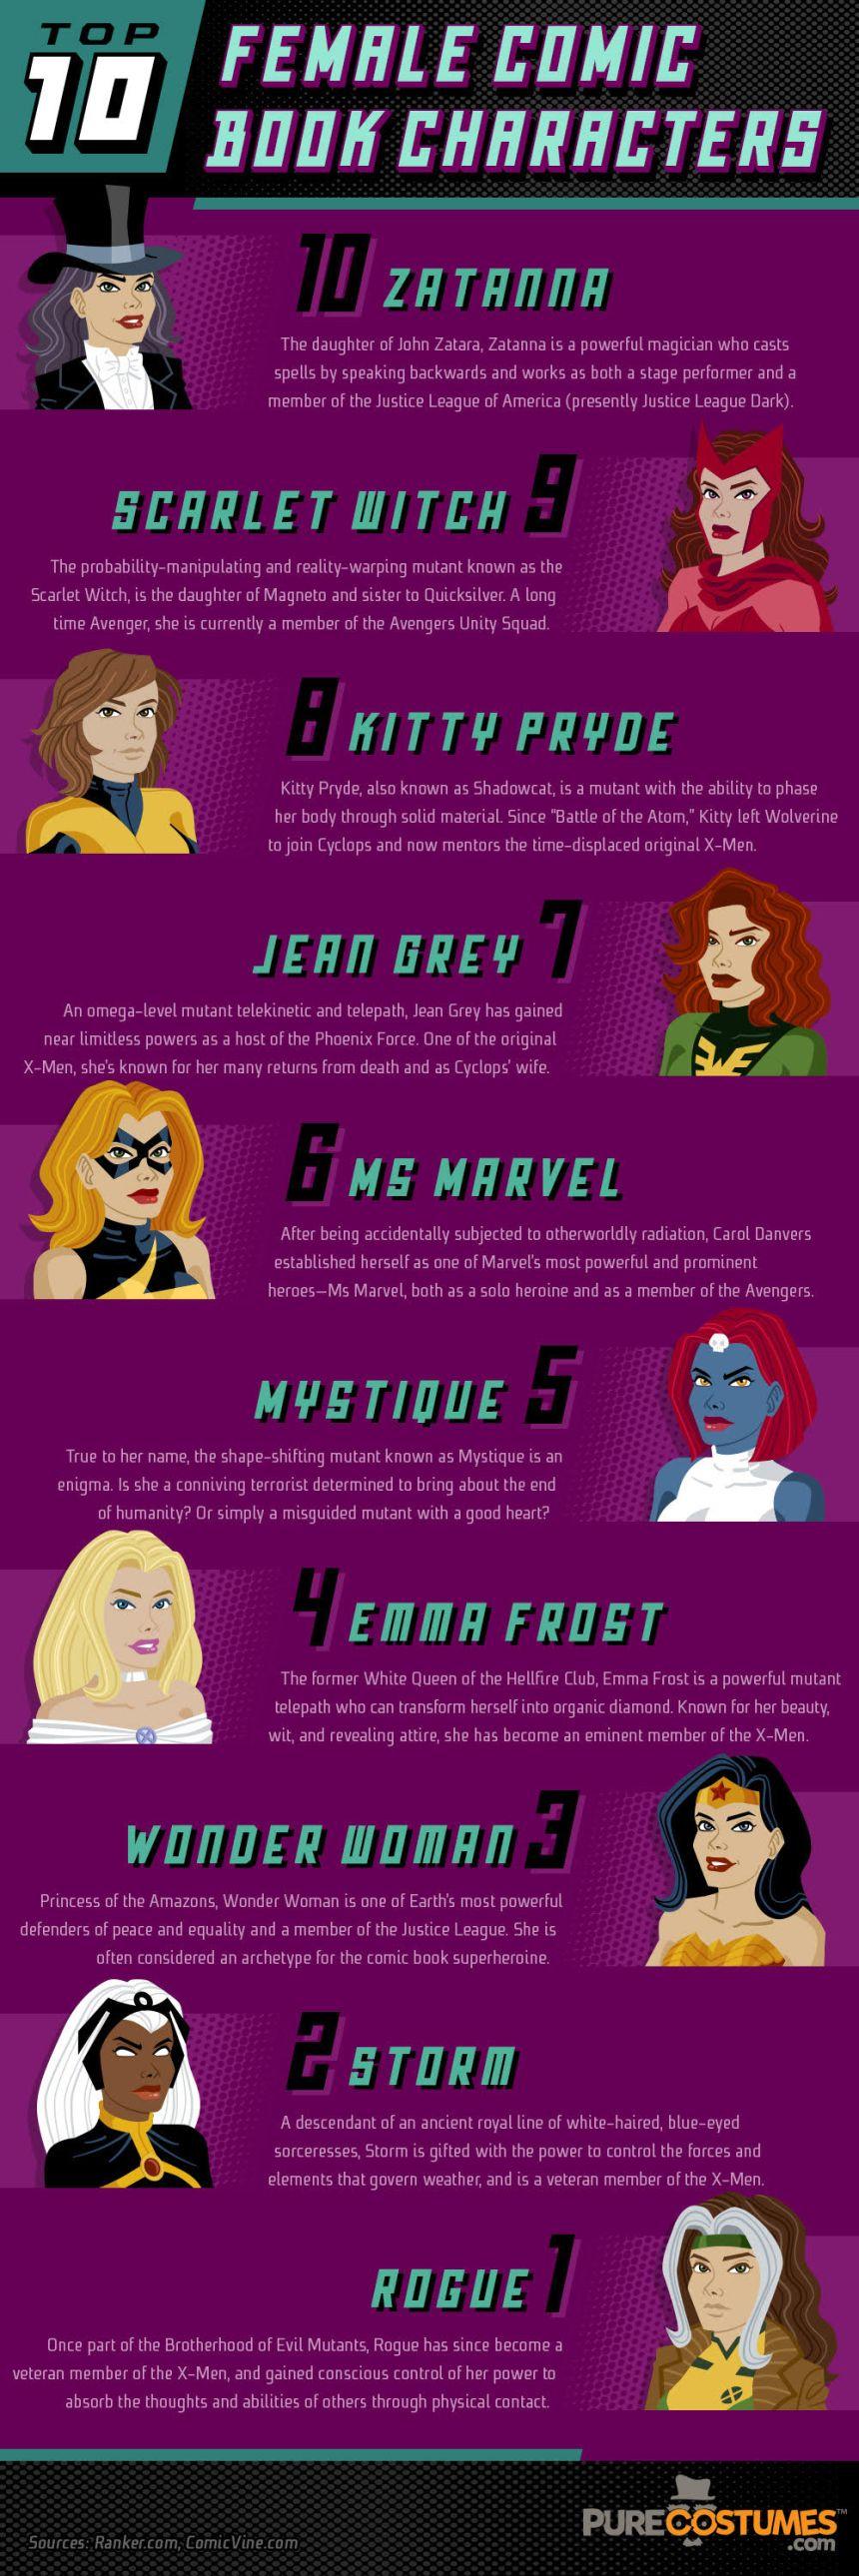 Top-Ten-Female-Comic-Book